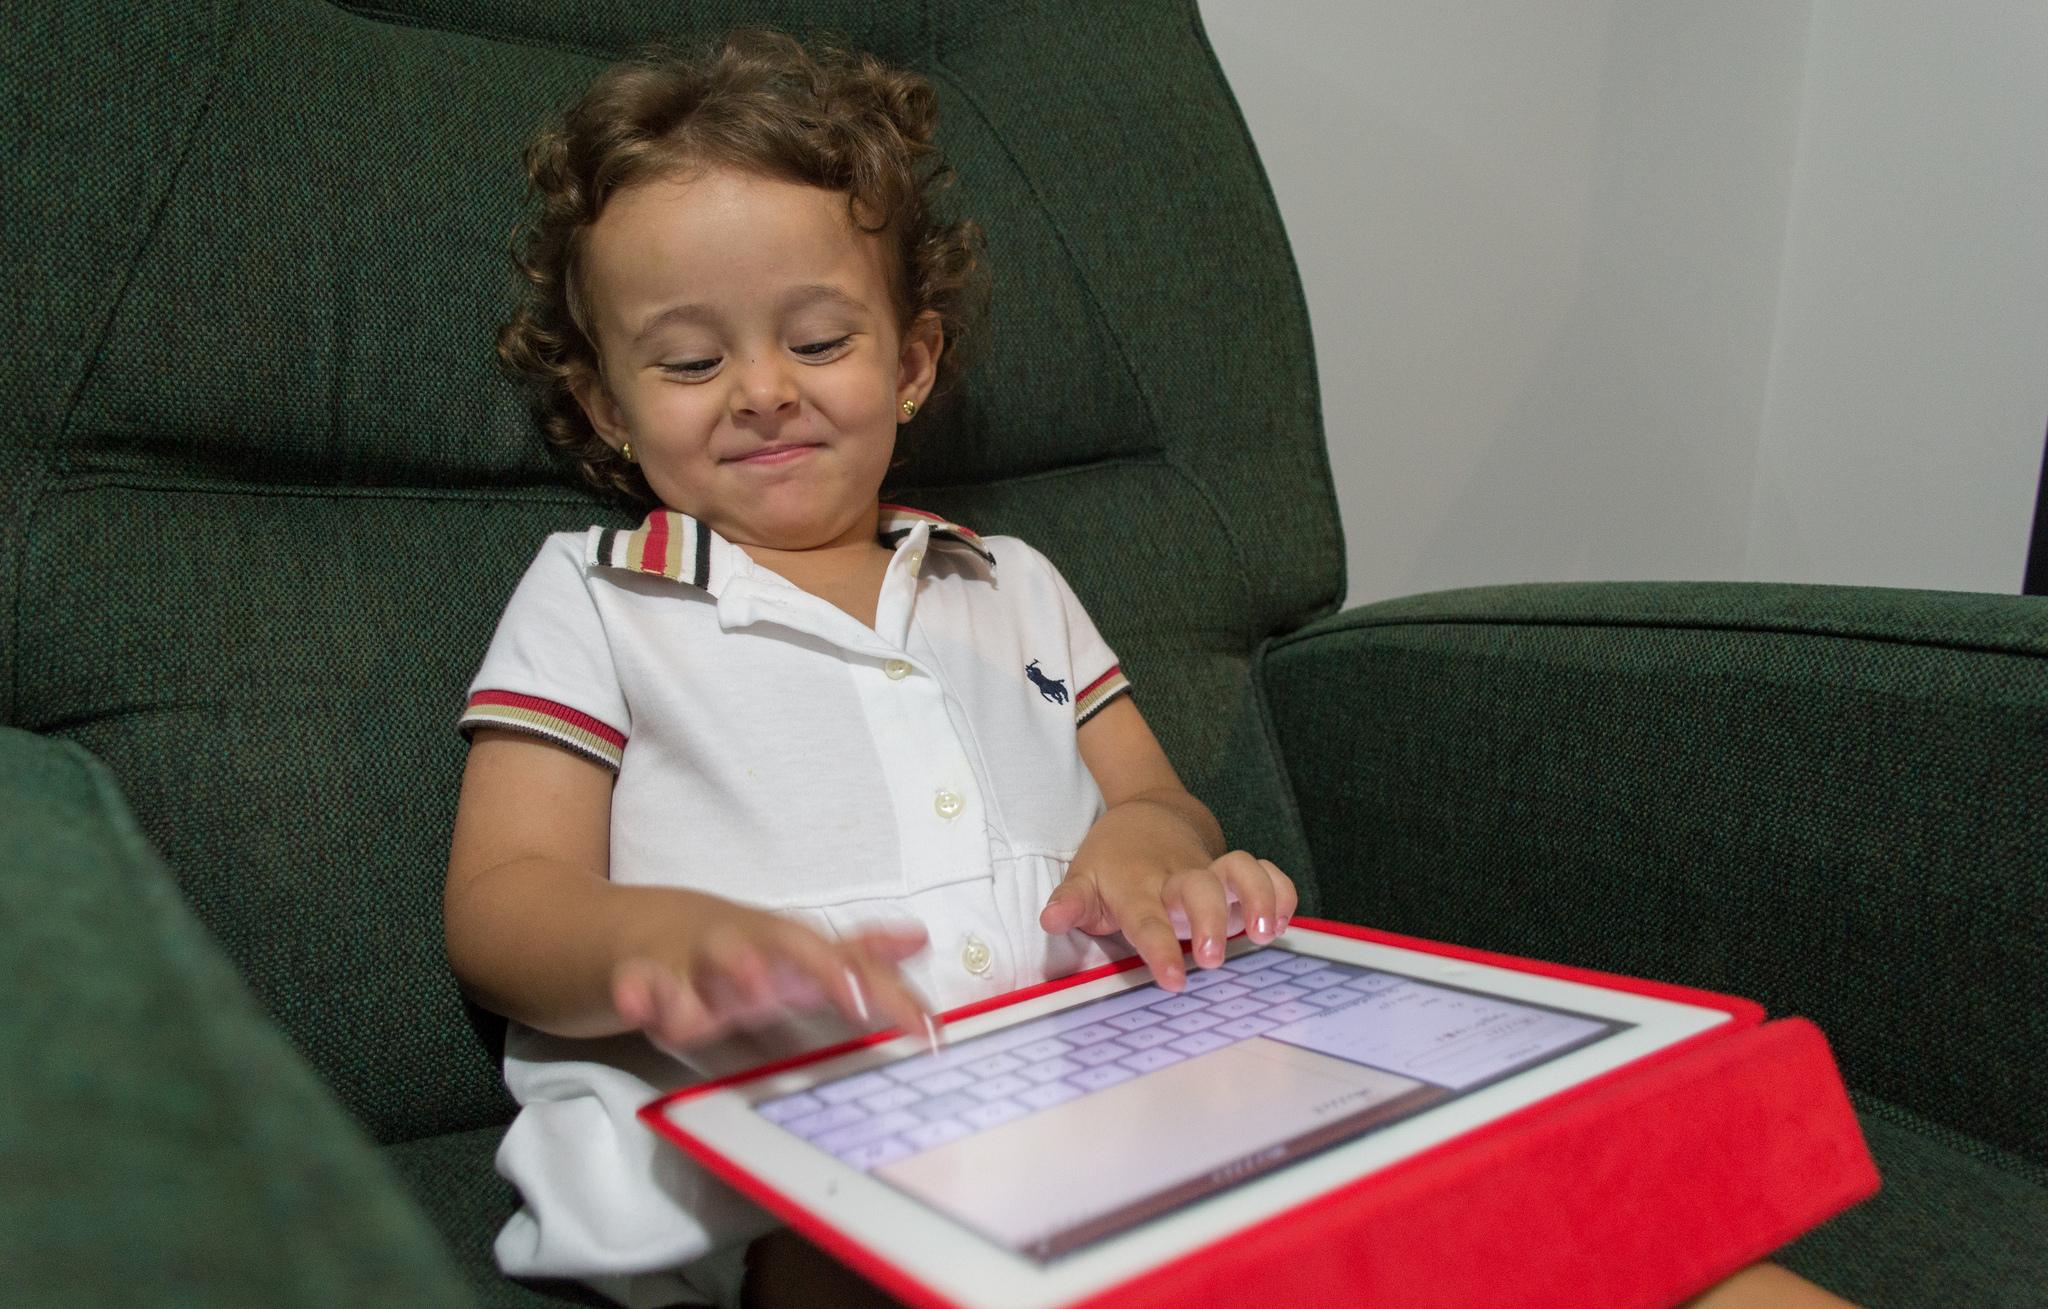 Aplicativo pode ser acessado através de celular e tablet. (FOTO: Flickr/ Creative Commons/ Bruno Padilha)